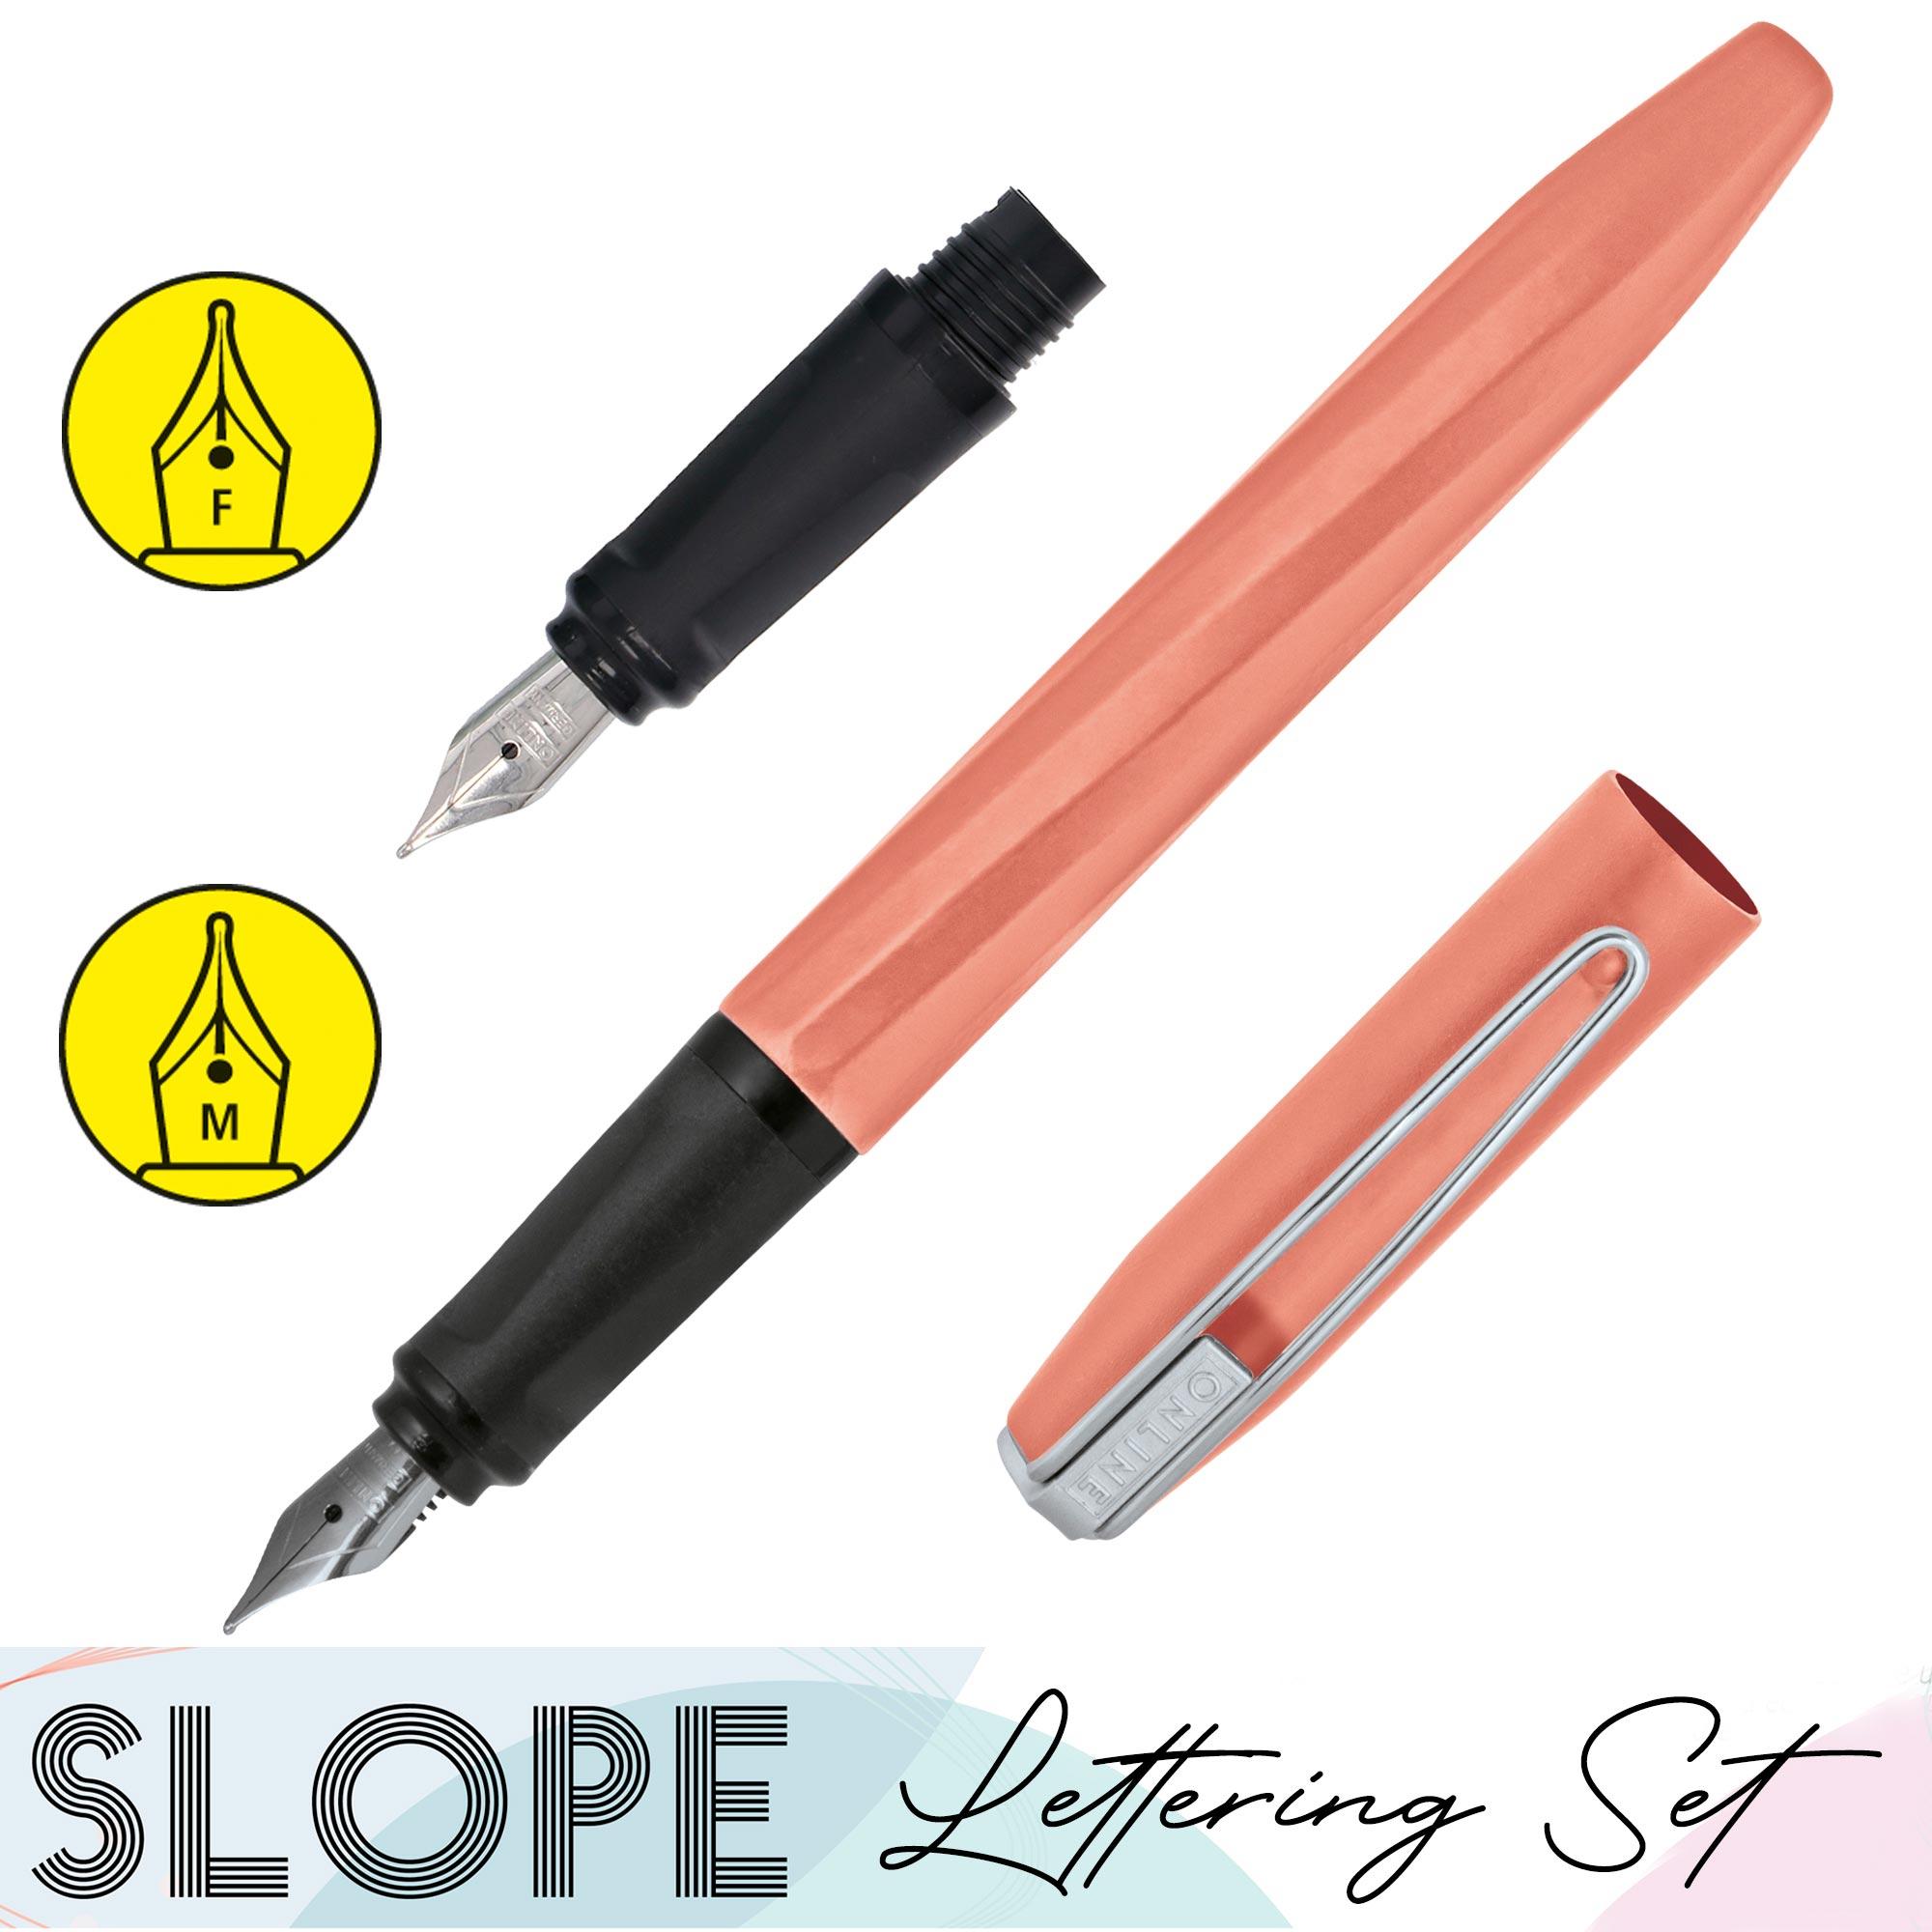 Füller-Lettering-Set Slope